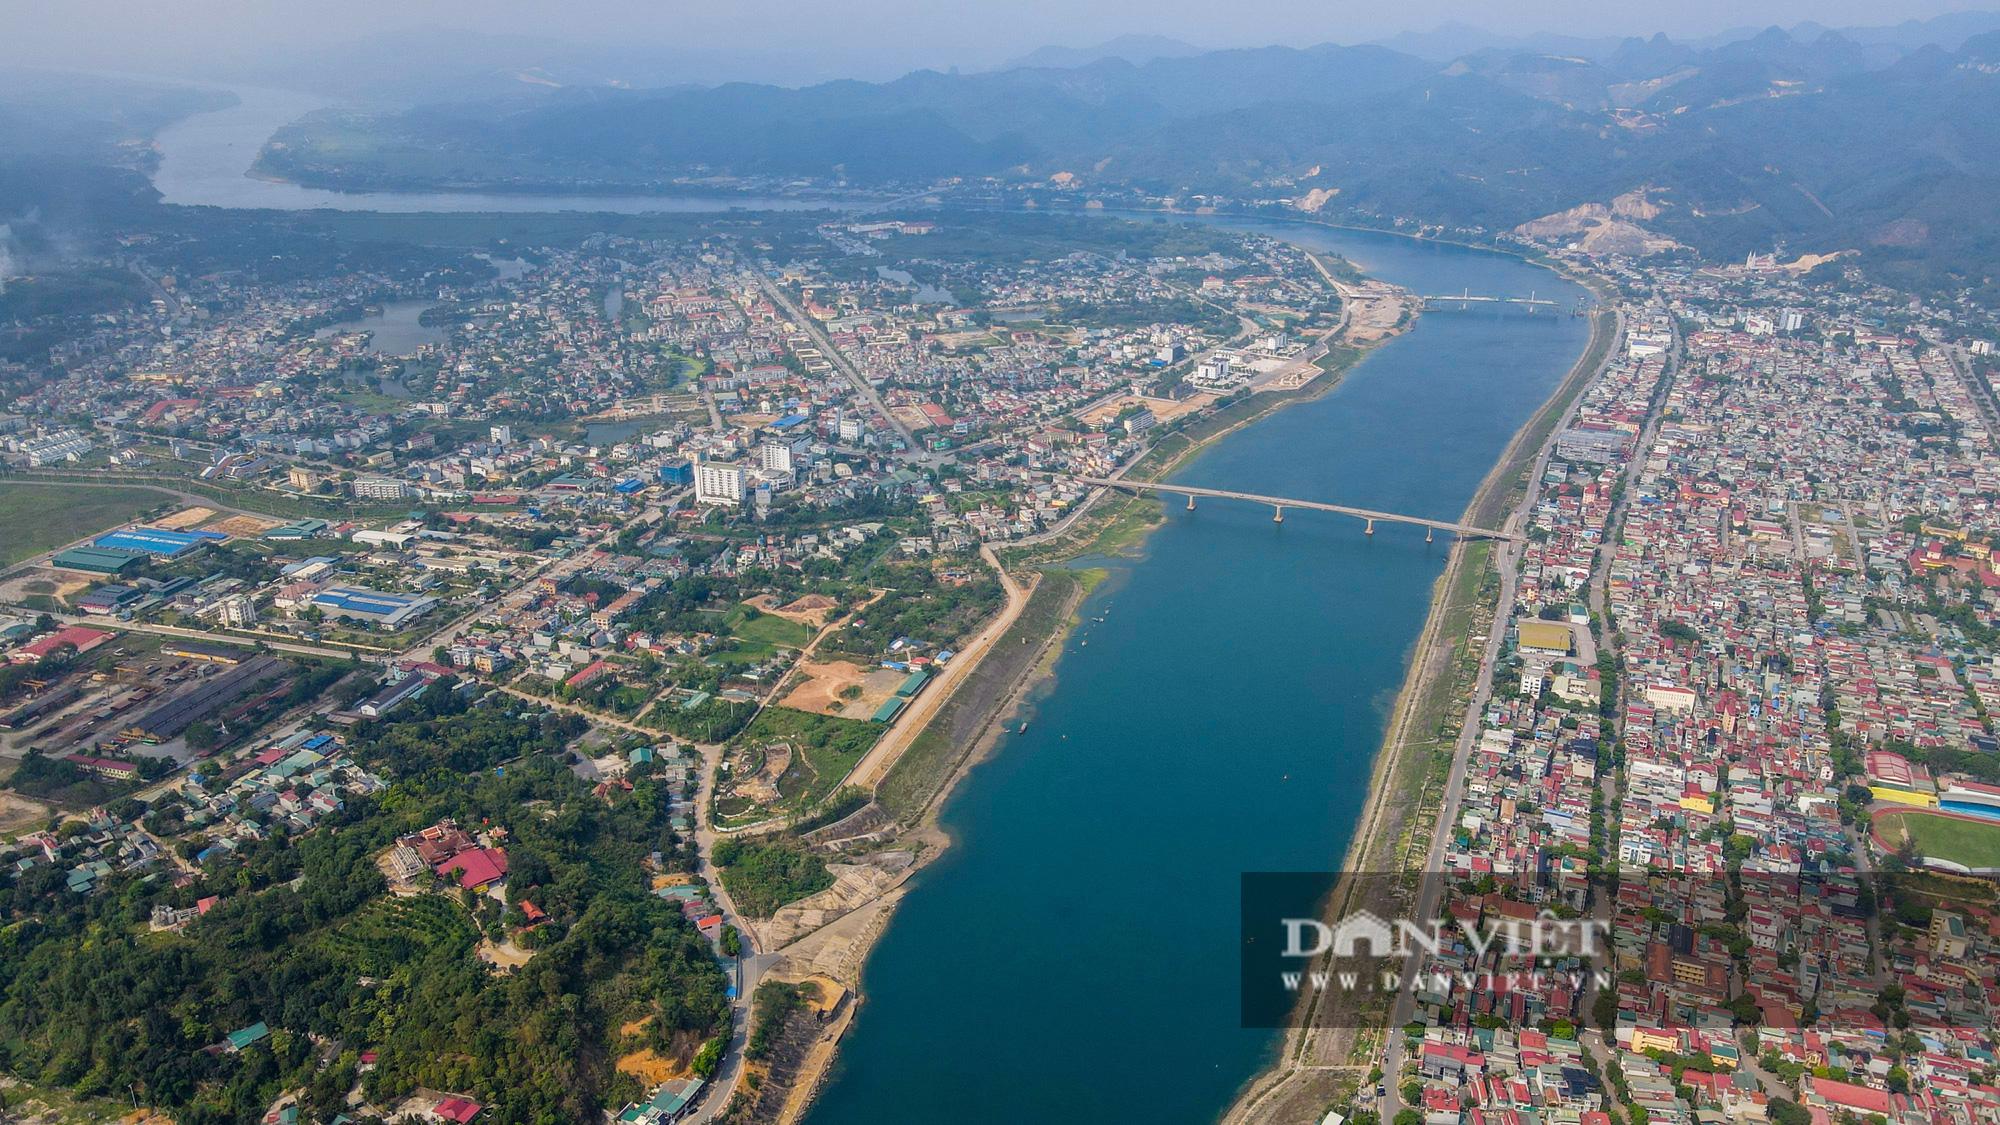 Toàn cảnh cây cầu Hoà Bình 2 trị giá gần 600 tỷ bắc qua sông Đà - Ảnh 1.